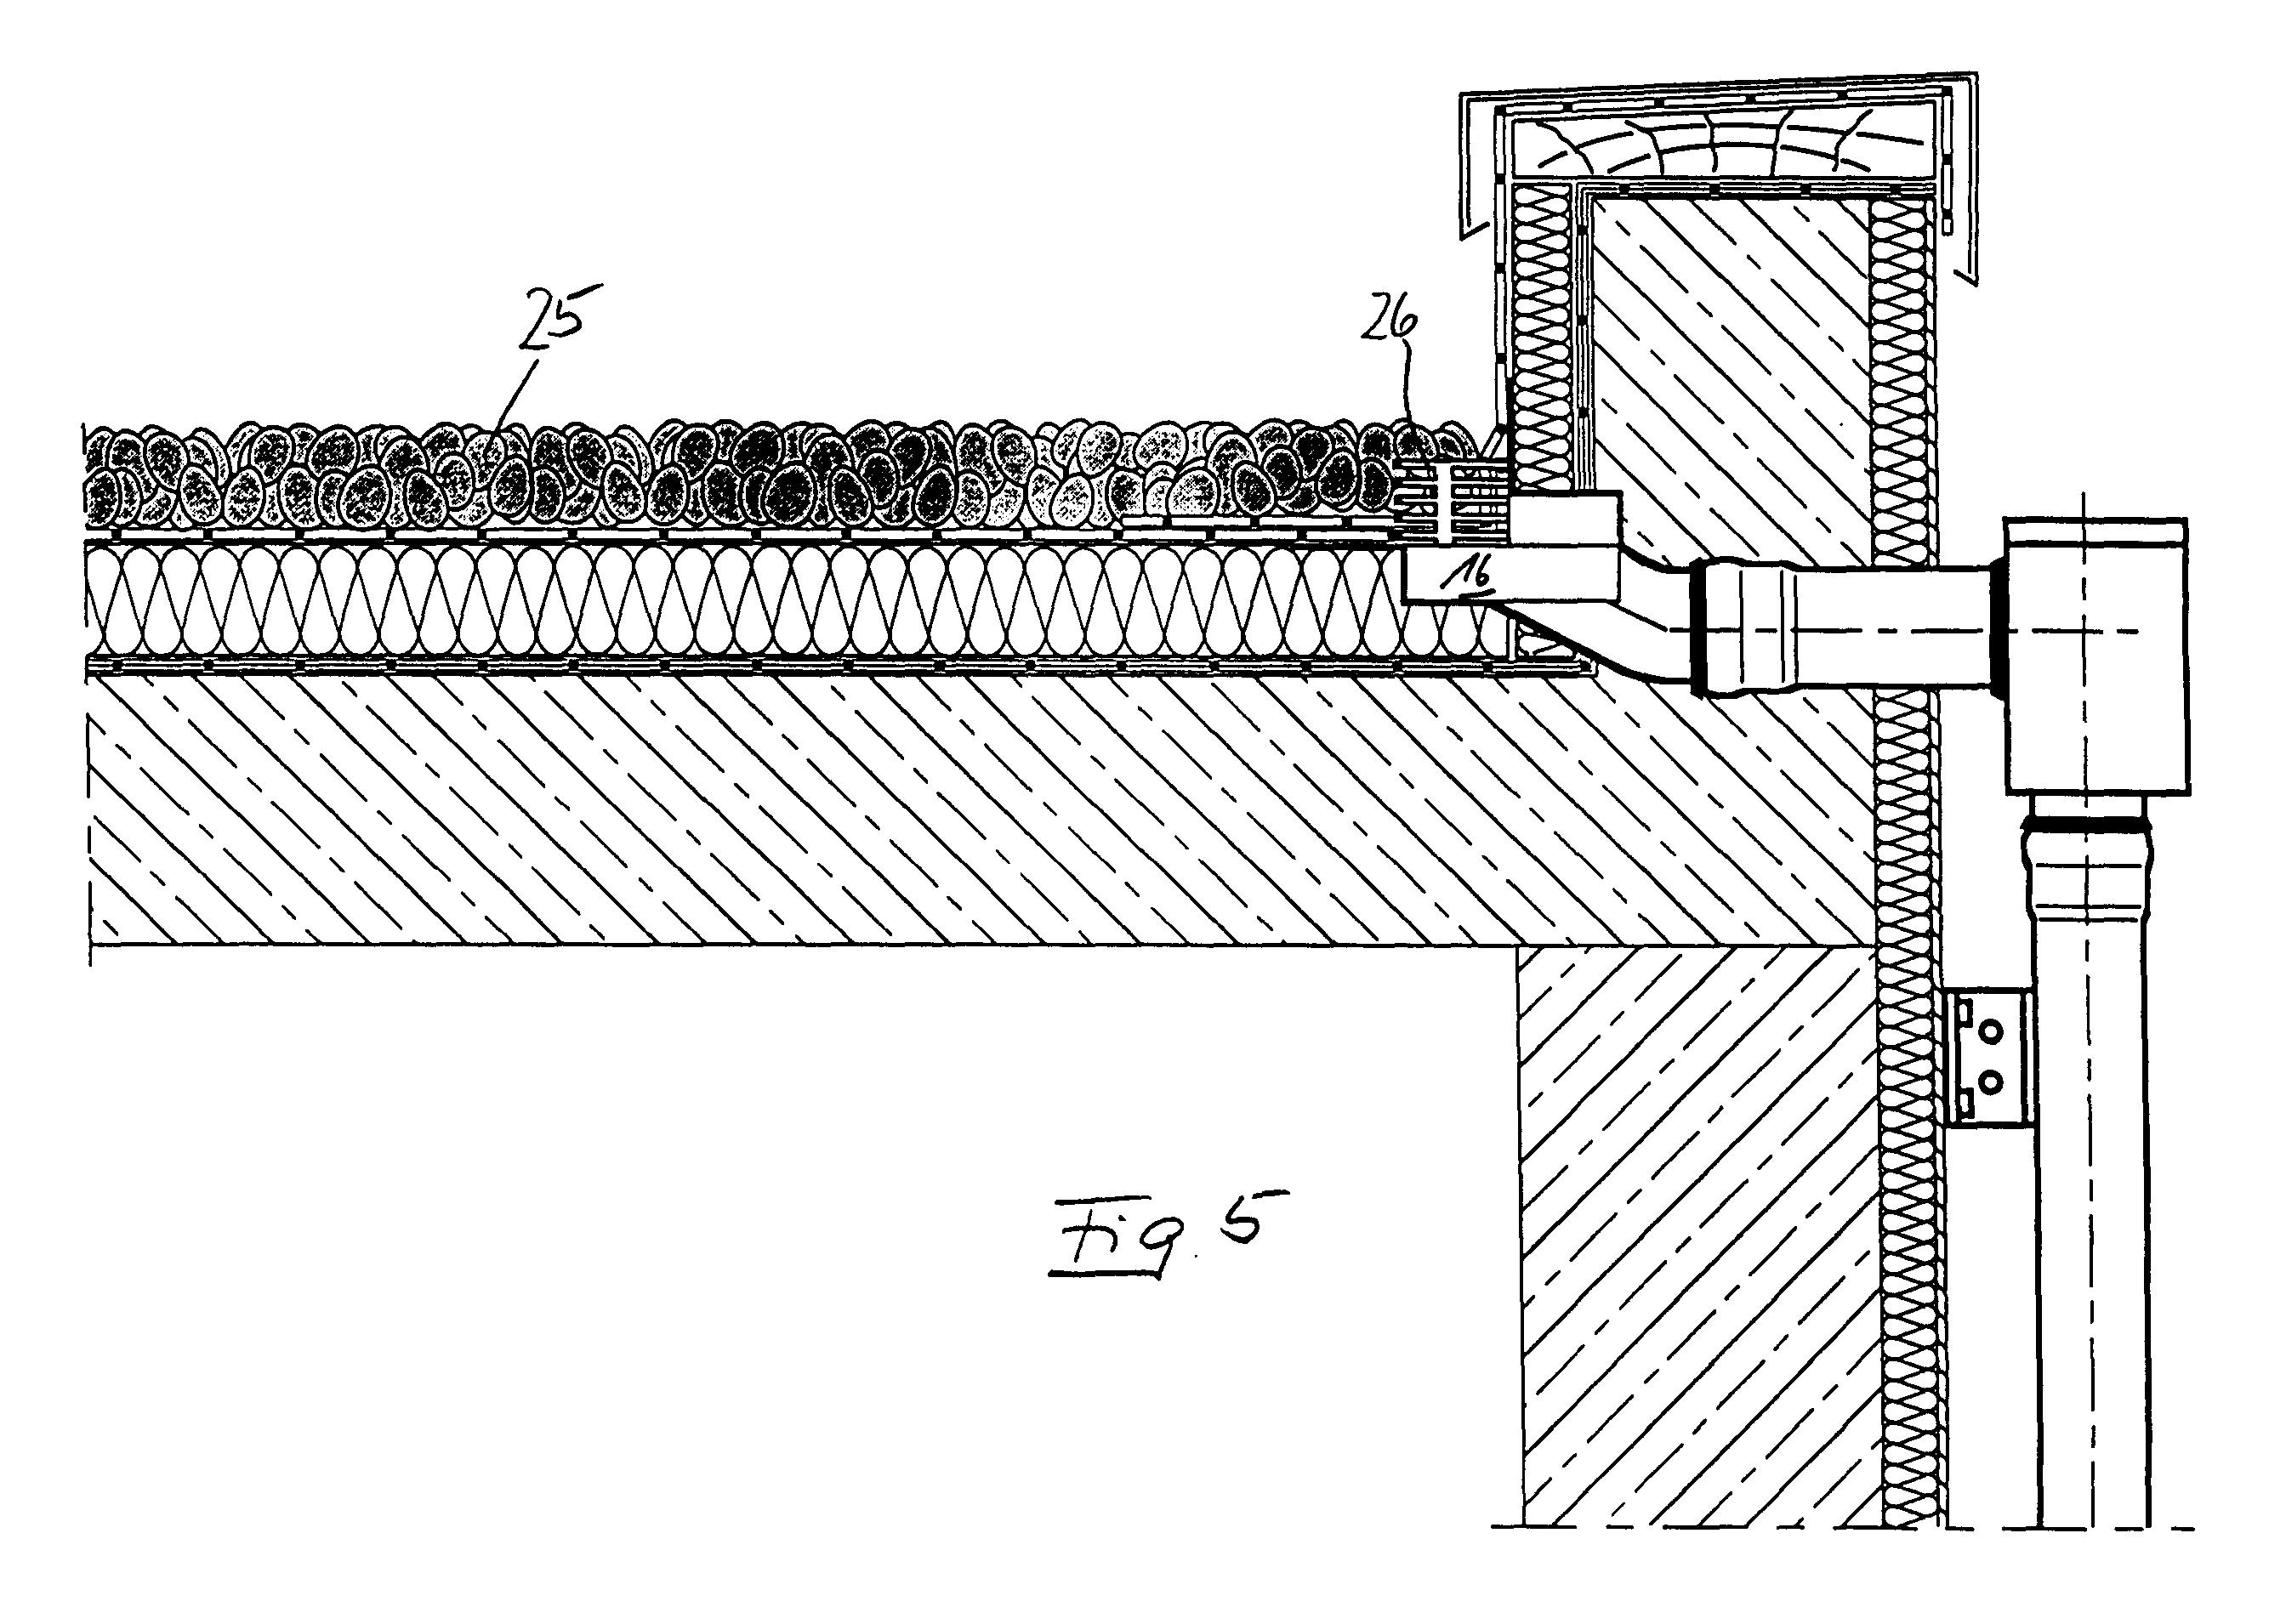 Flachdach Wasserablauf Und Flachdach Mit Einem Flachdach